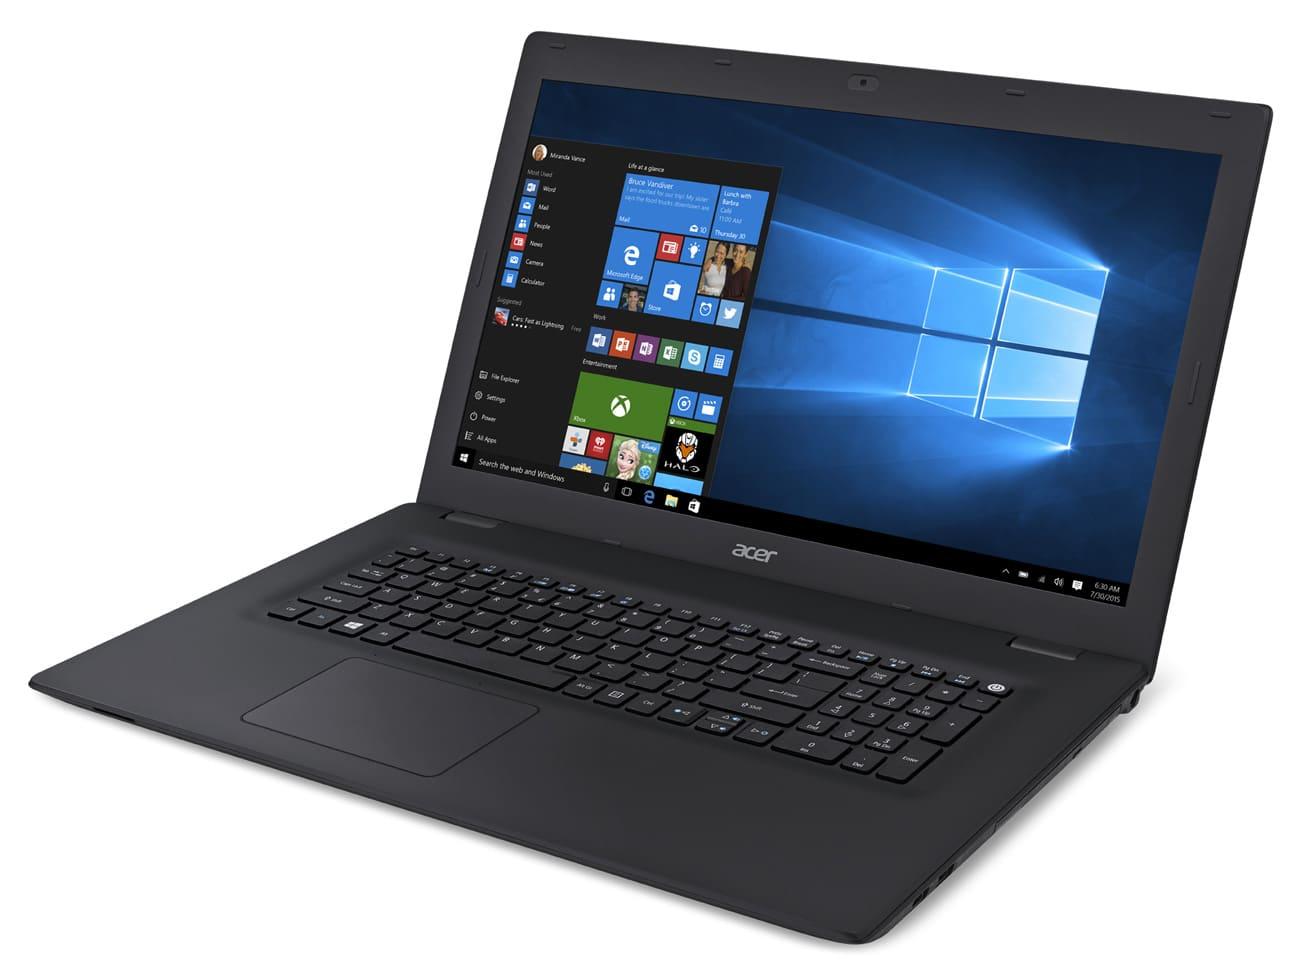 Acer TravelMate P278-M-358N à 589€, PC portable 17 pouces mat Win 7 Pro